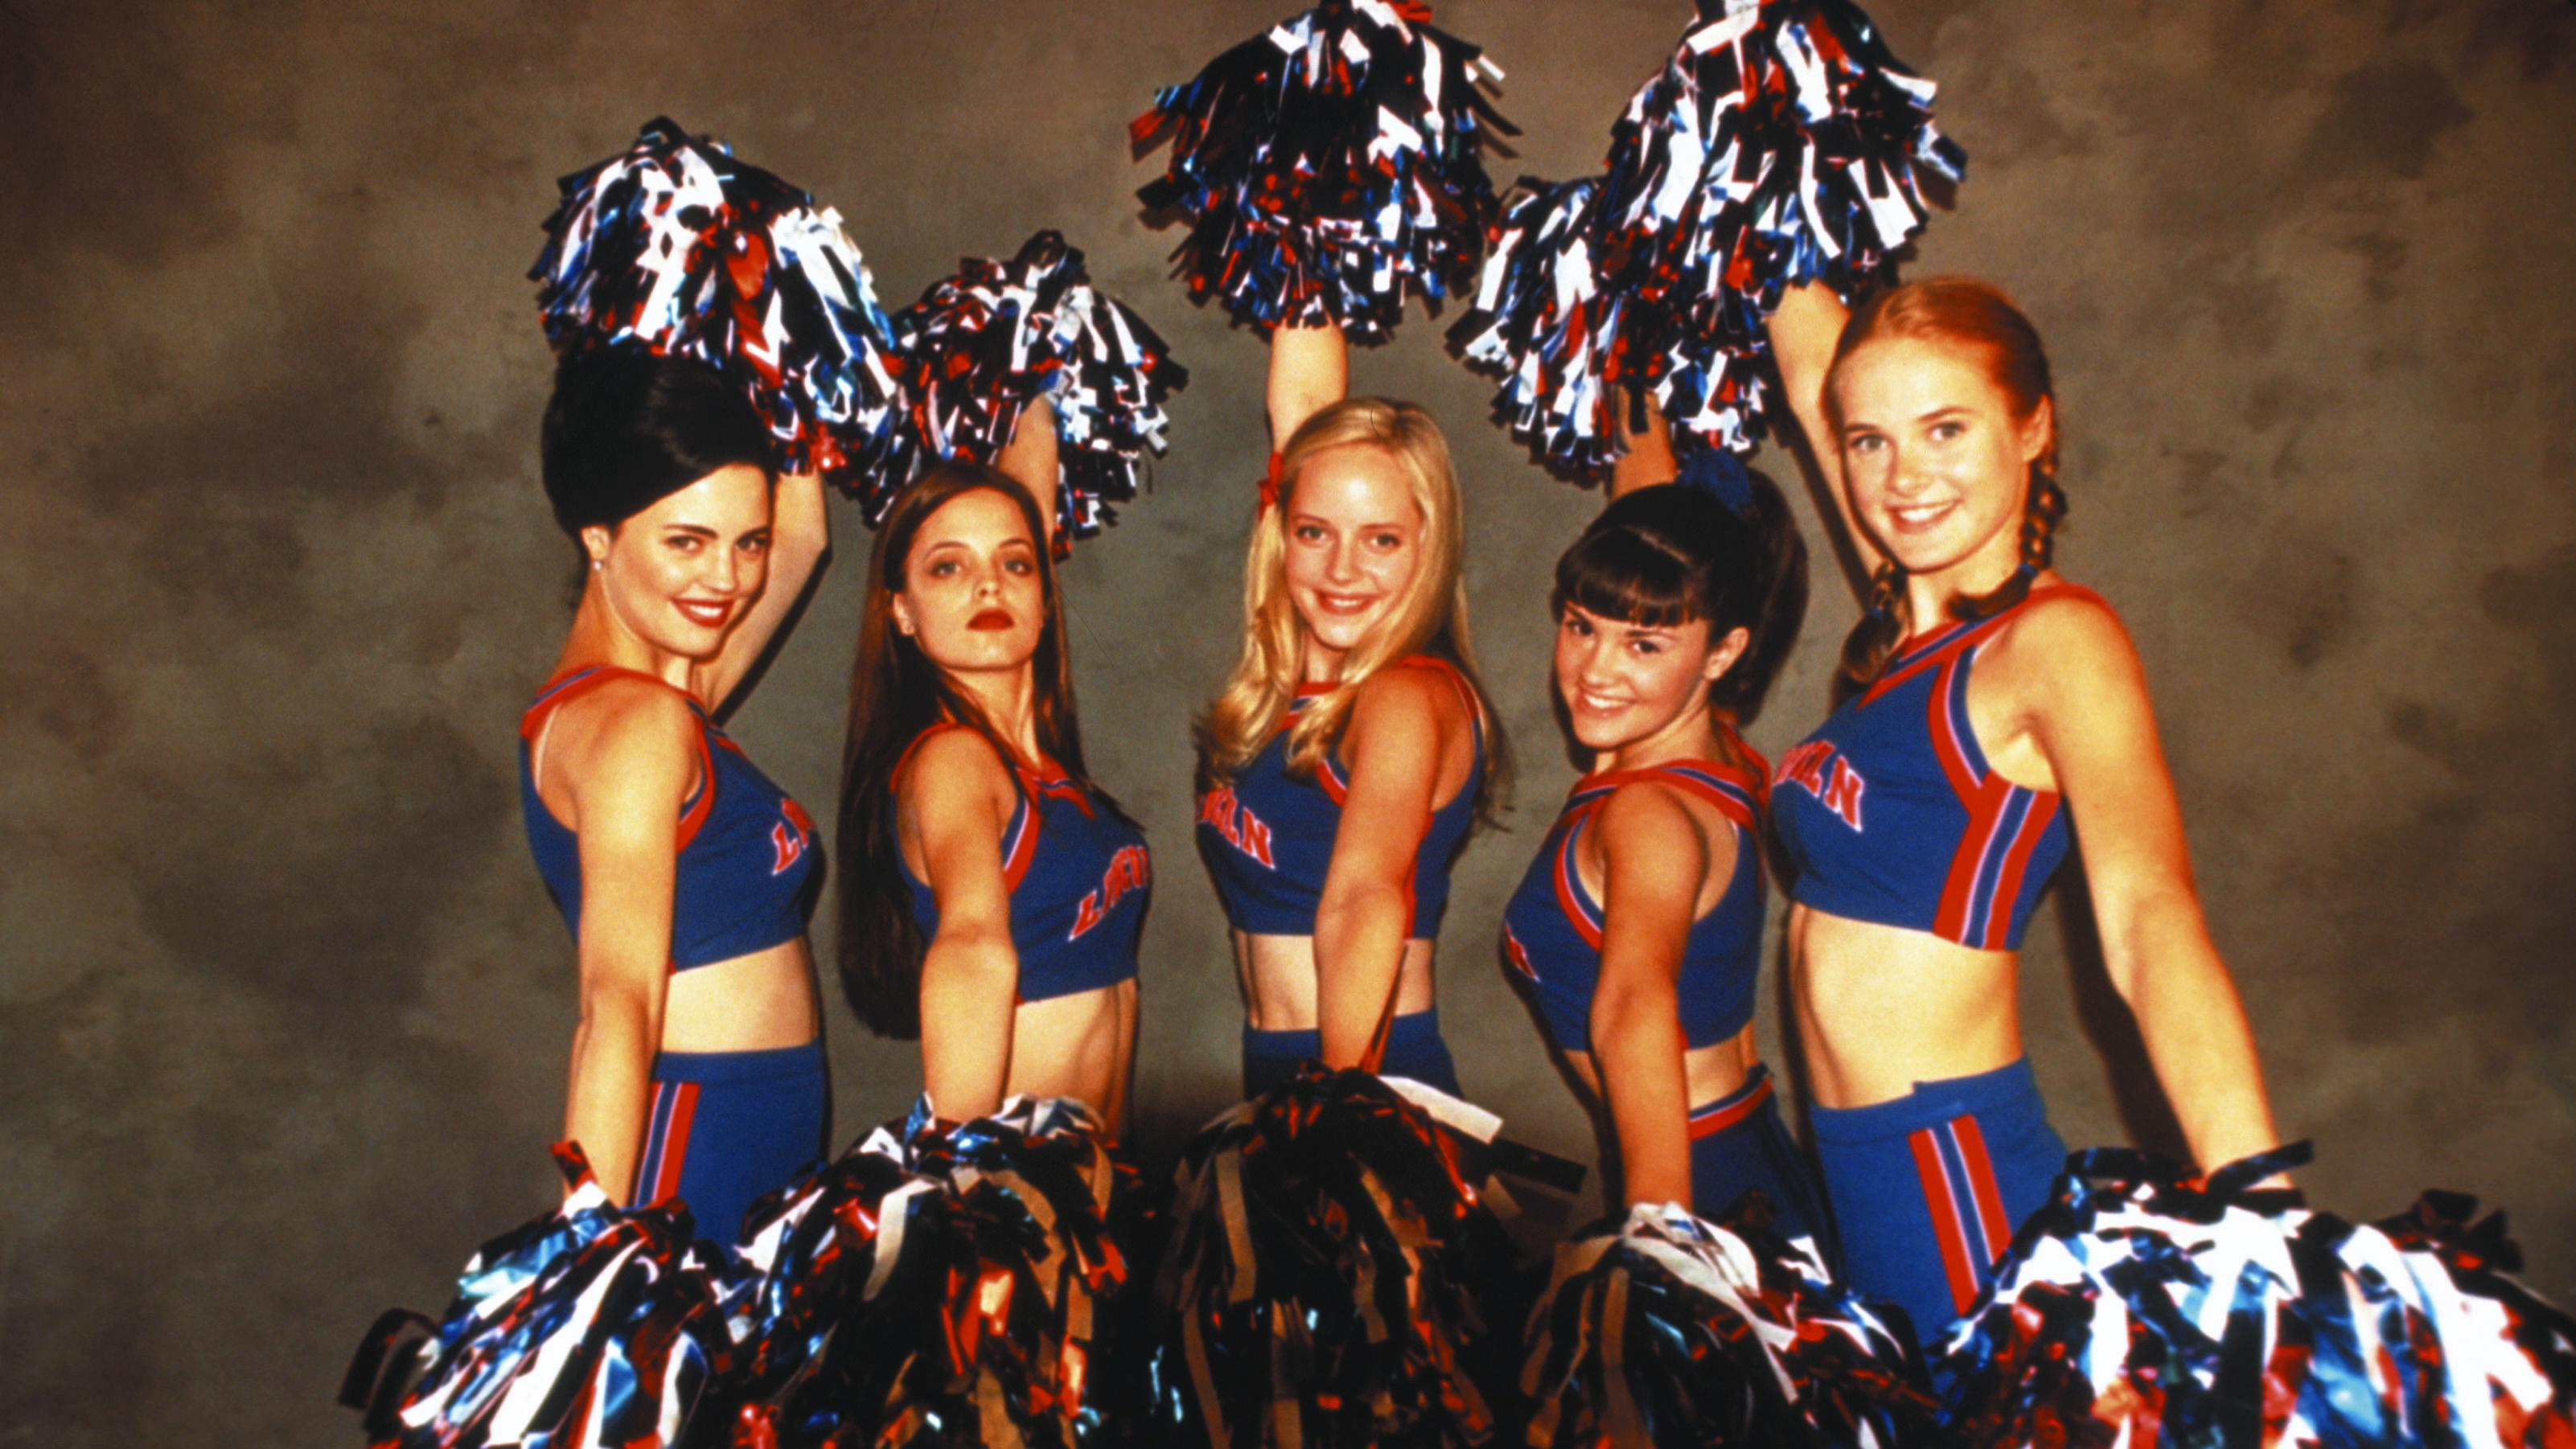 Diese 5 Cheerleader Klischees Haben Mit Der Wahrheit Nichts Zu Tun